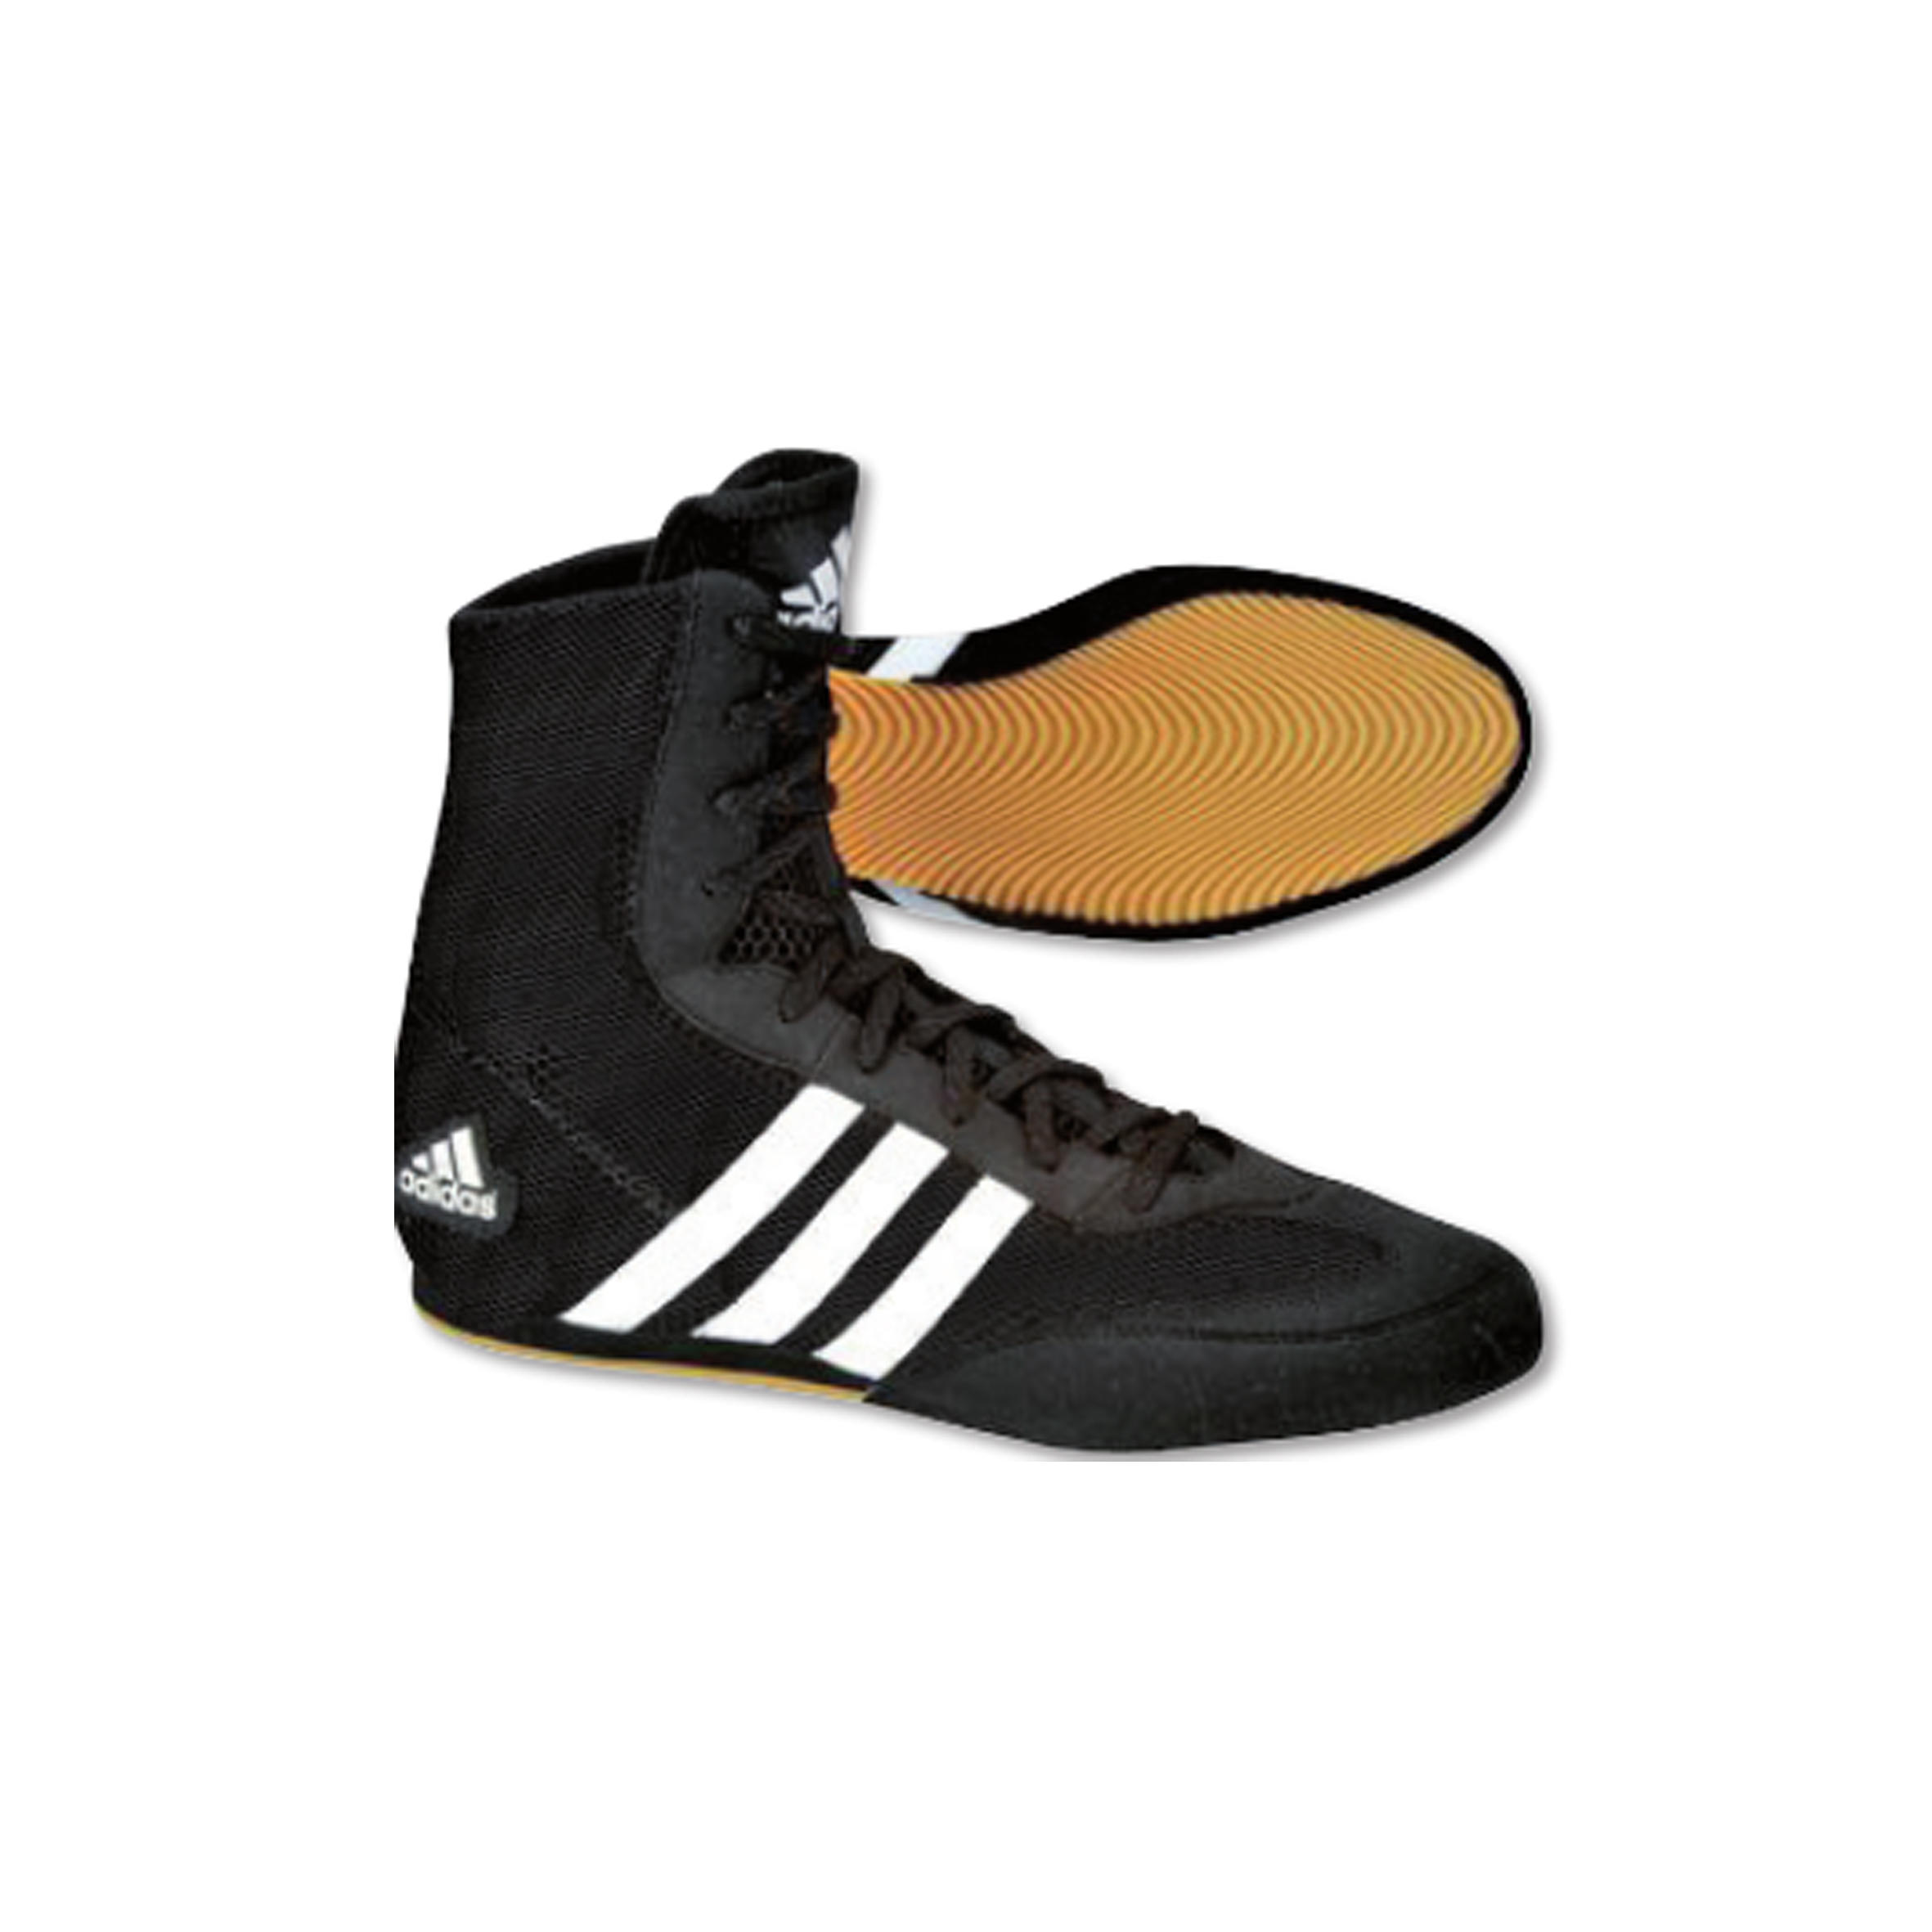 Adidas Box-Hog II Boksschoenen Zwart